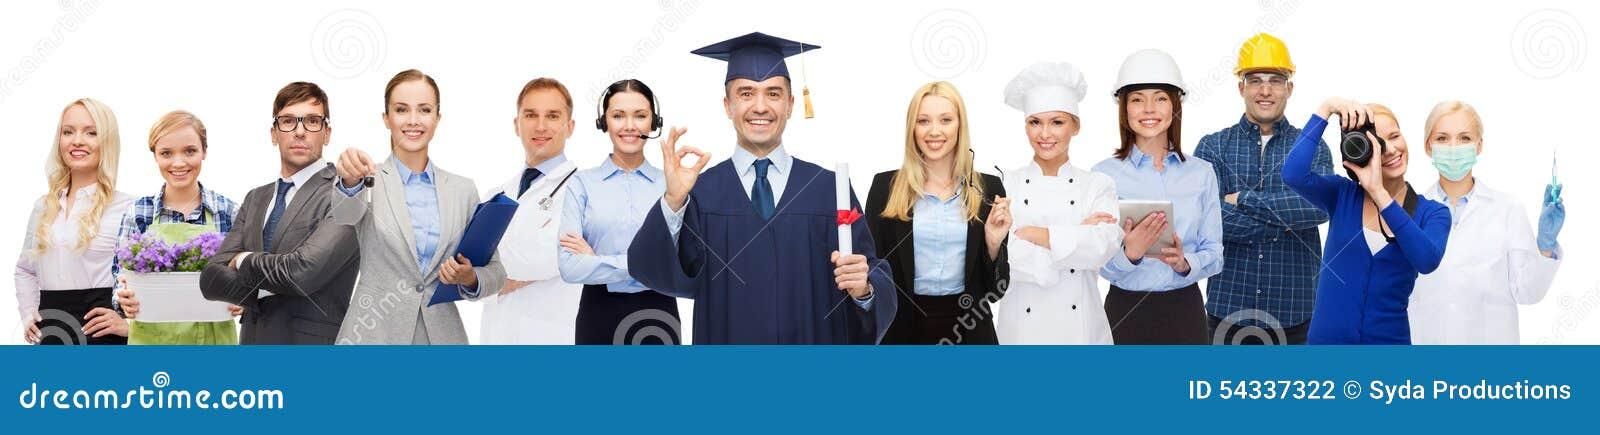 gelukkige vrijgezel met diploma over beroeps - De Vrijgezelmeisjes 2015